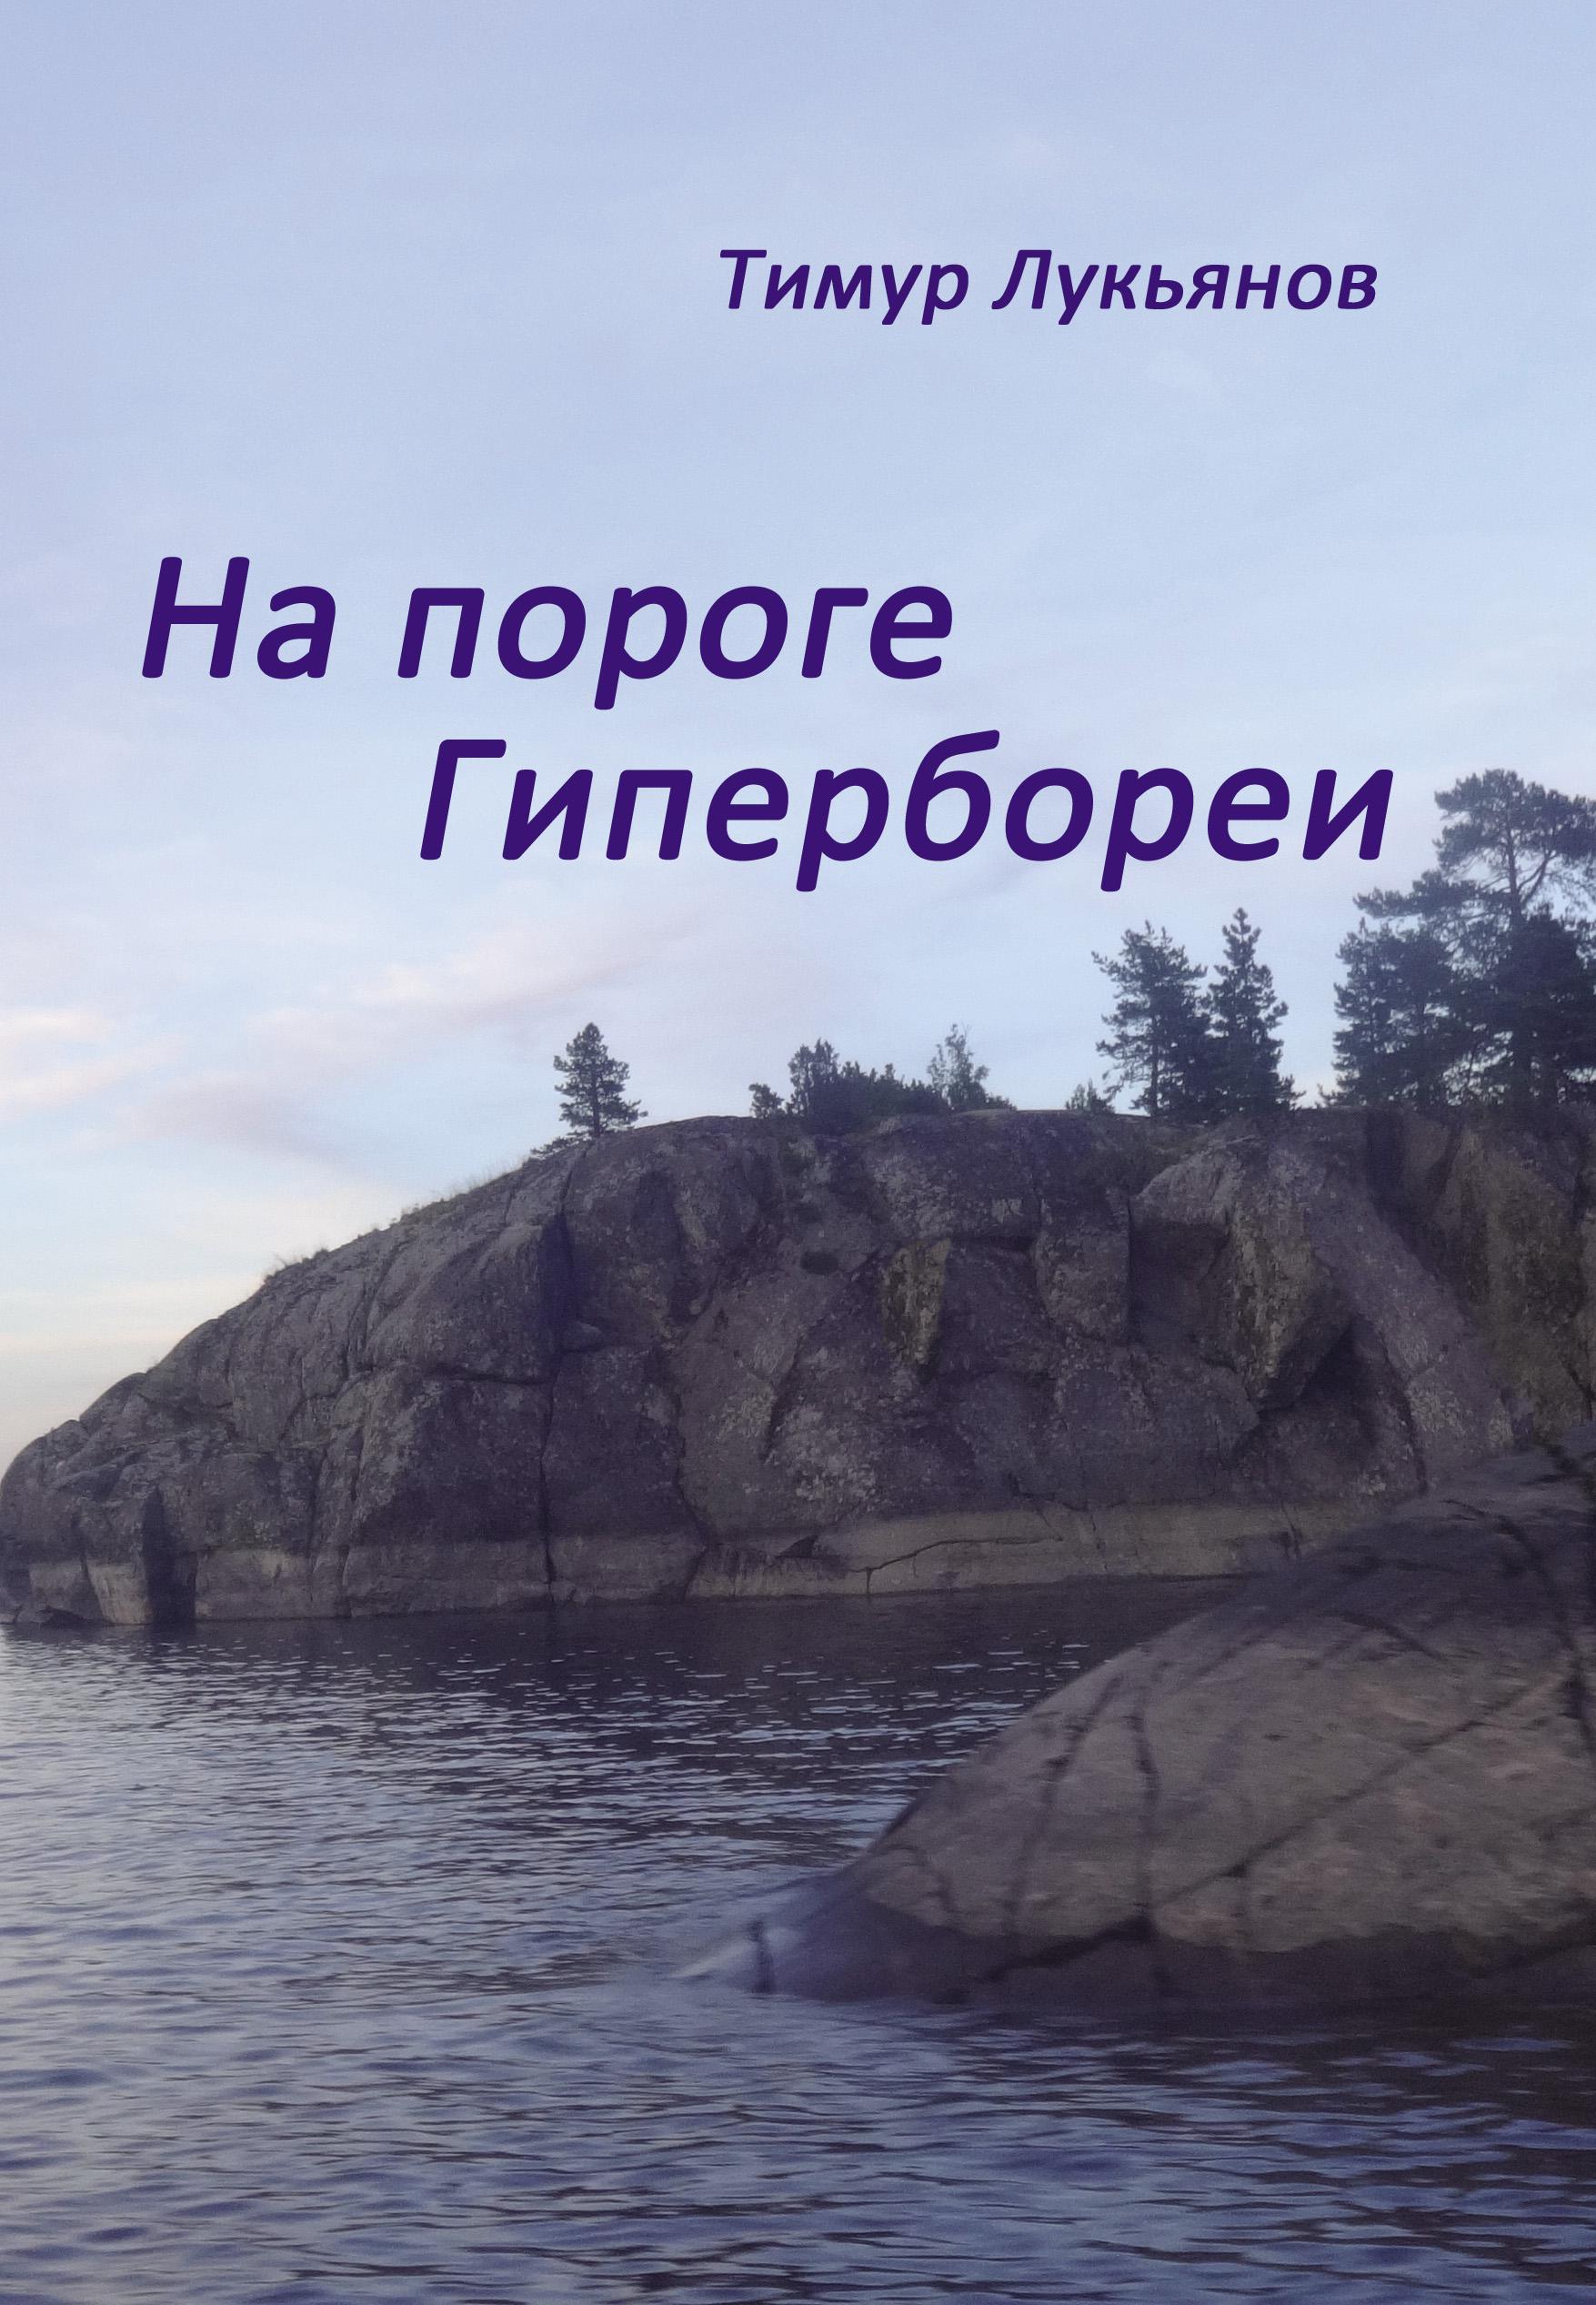 тимур лукьянов кровь и песок сборник Тимур Лукьянов На пороге Гипербореи